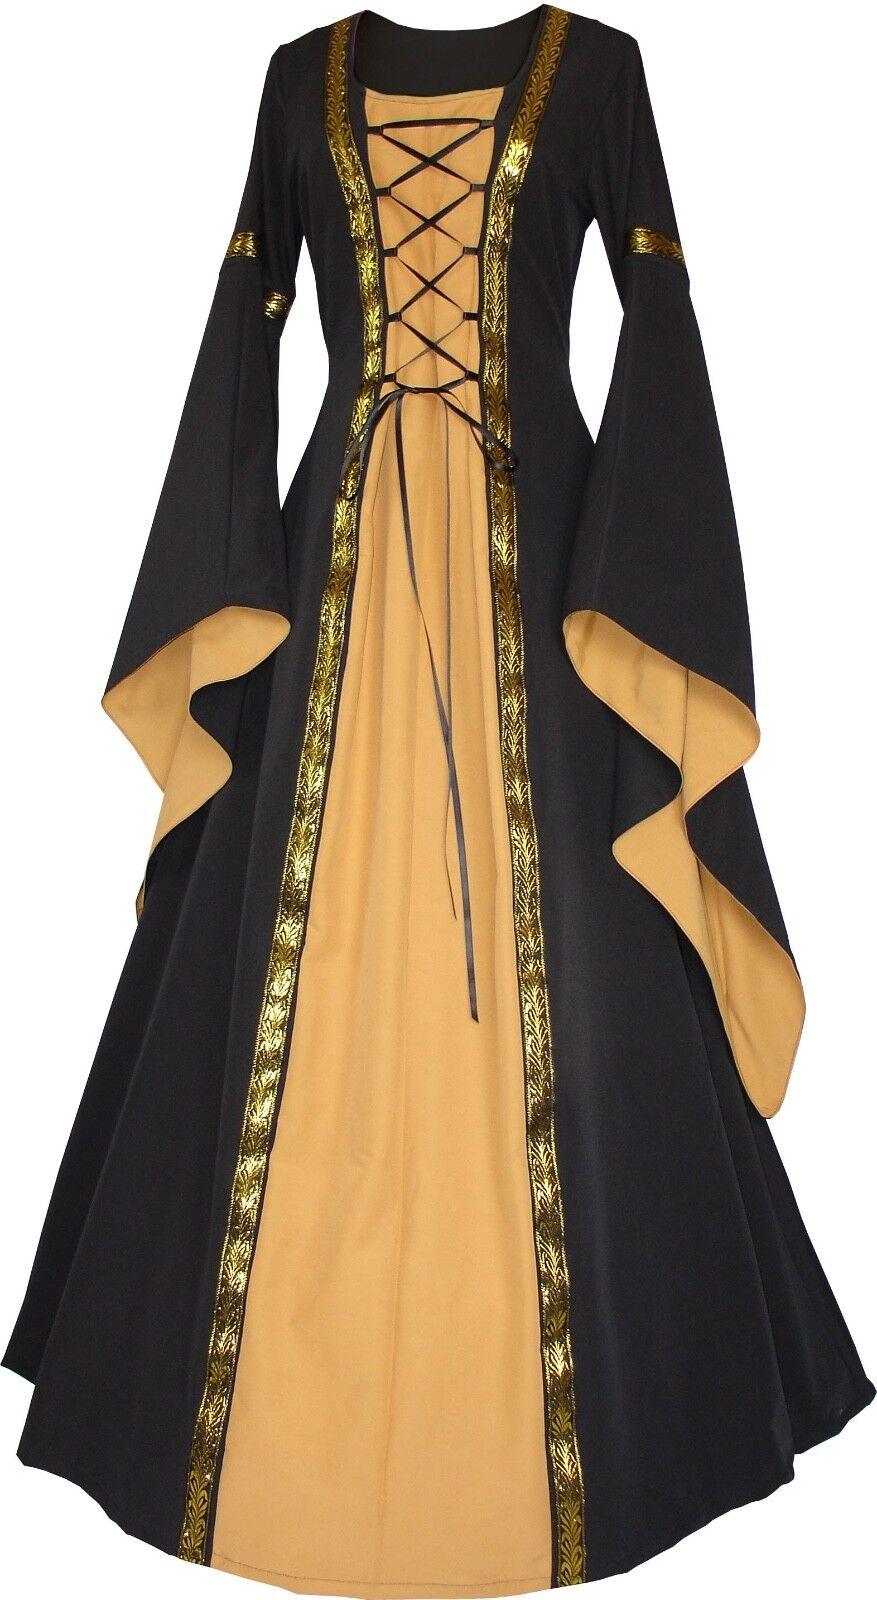 Mittelalter Gothic Karneval Gewand Kleid Kostüm Anna Maßanfertigung Farbwahl     | Won hoch geschätzt und weithin vertraut im in- und Ausland vertraut  | Speichern  | Guter Markt  | Öffnen Sie das Interesse und die Innovation Ihres Kindes, aber auch di